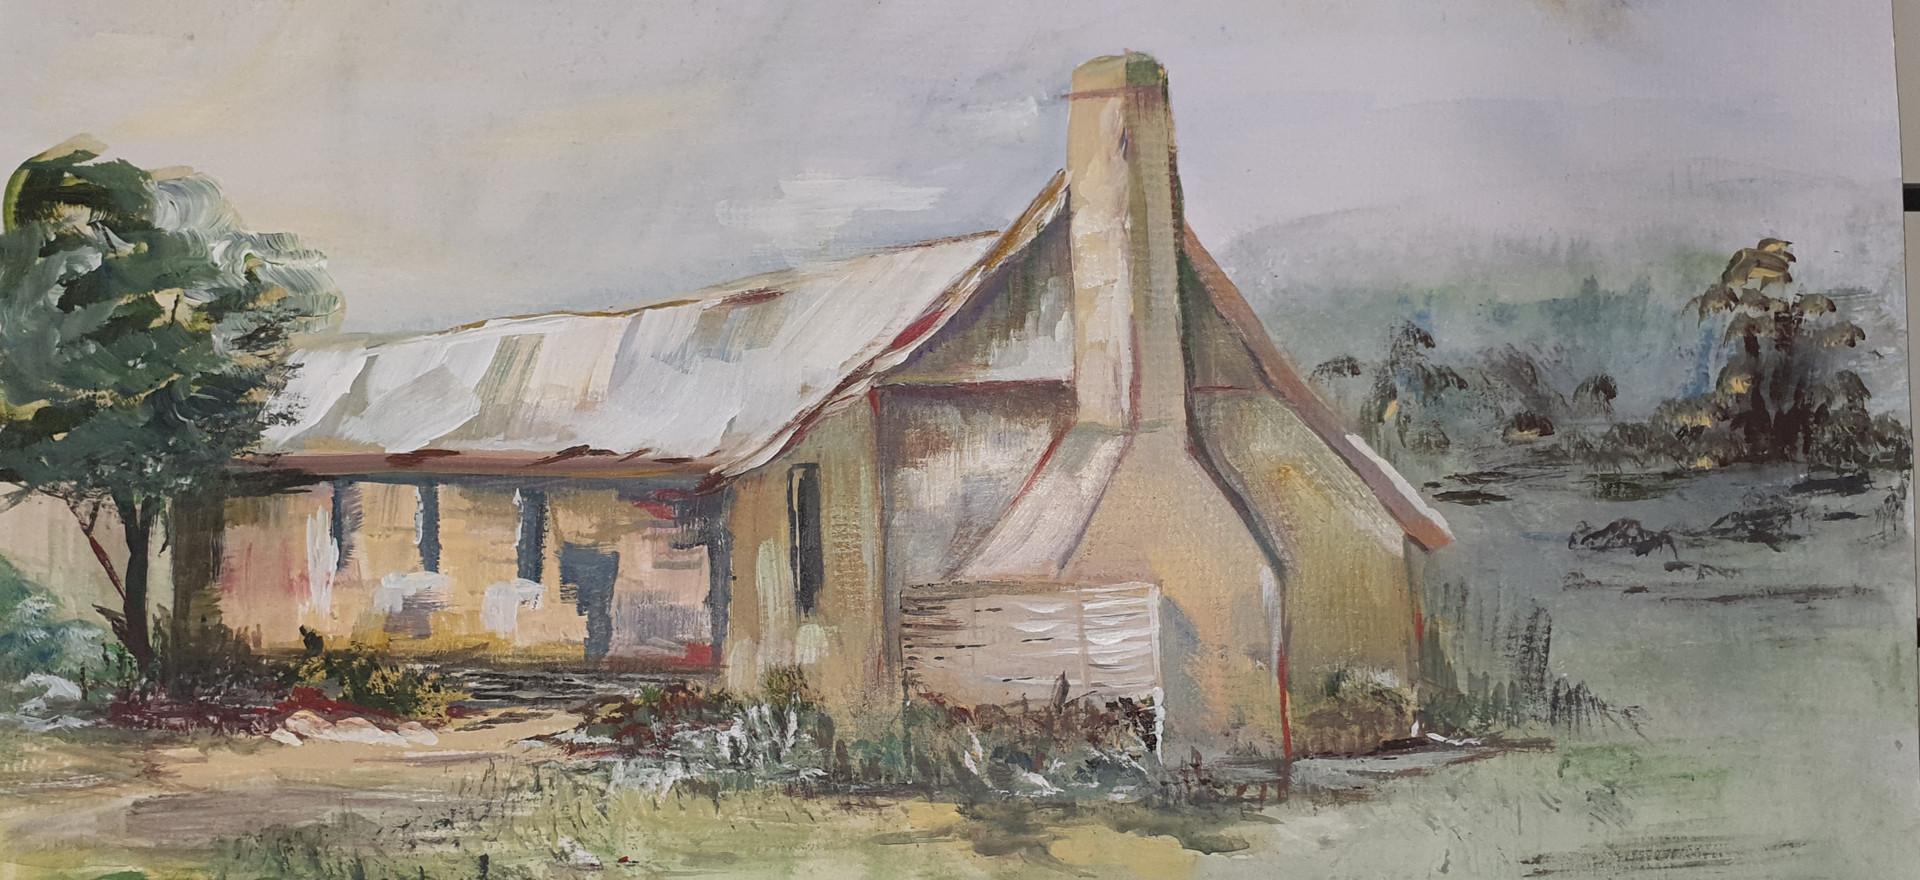 Settlers Rest - Margaret Holden